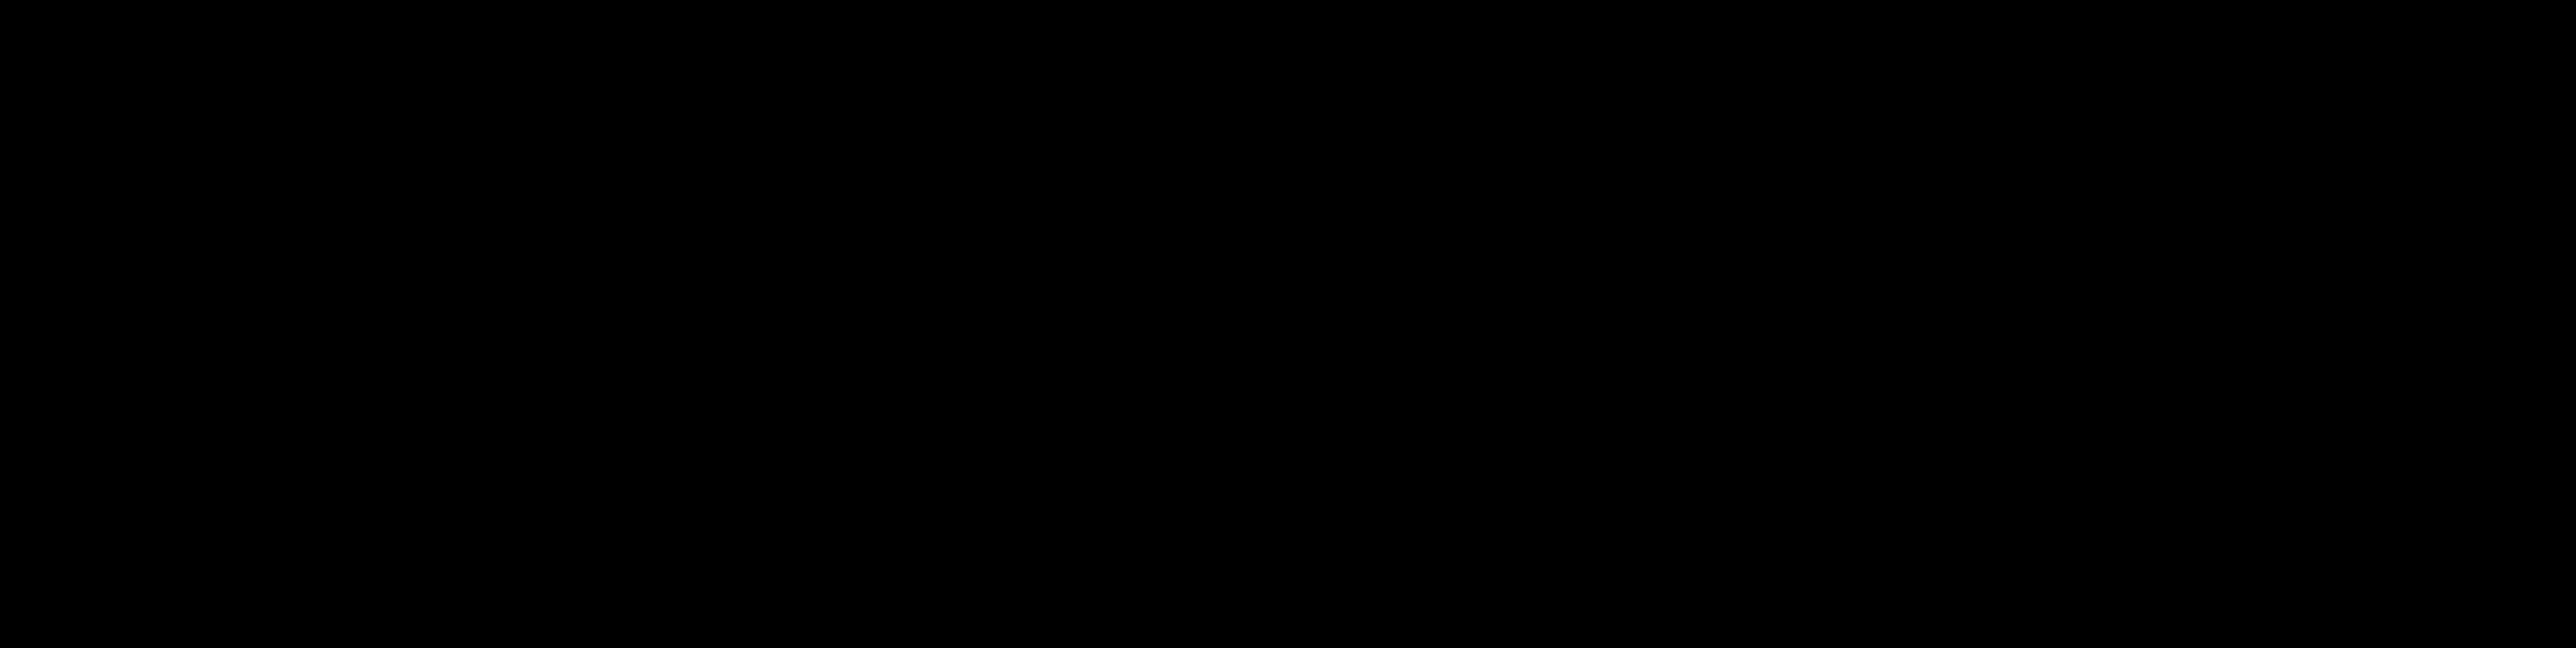 Rijeka illustration